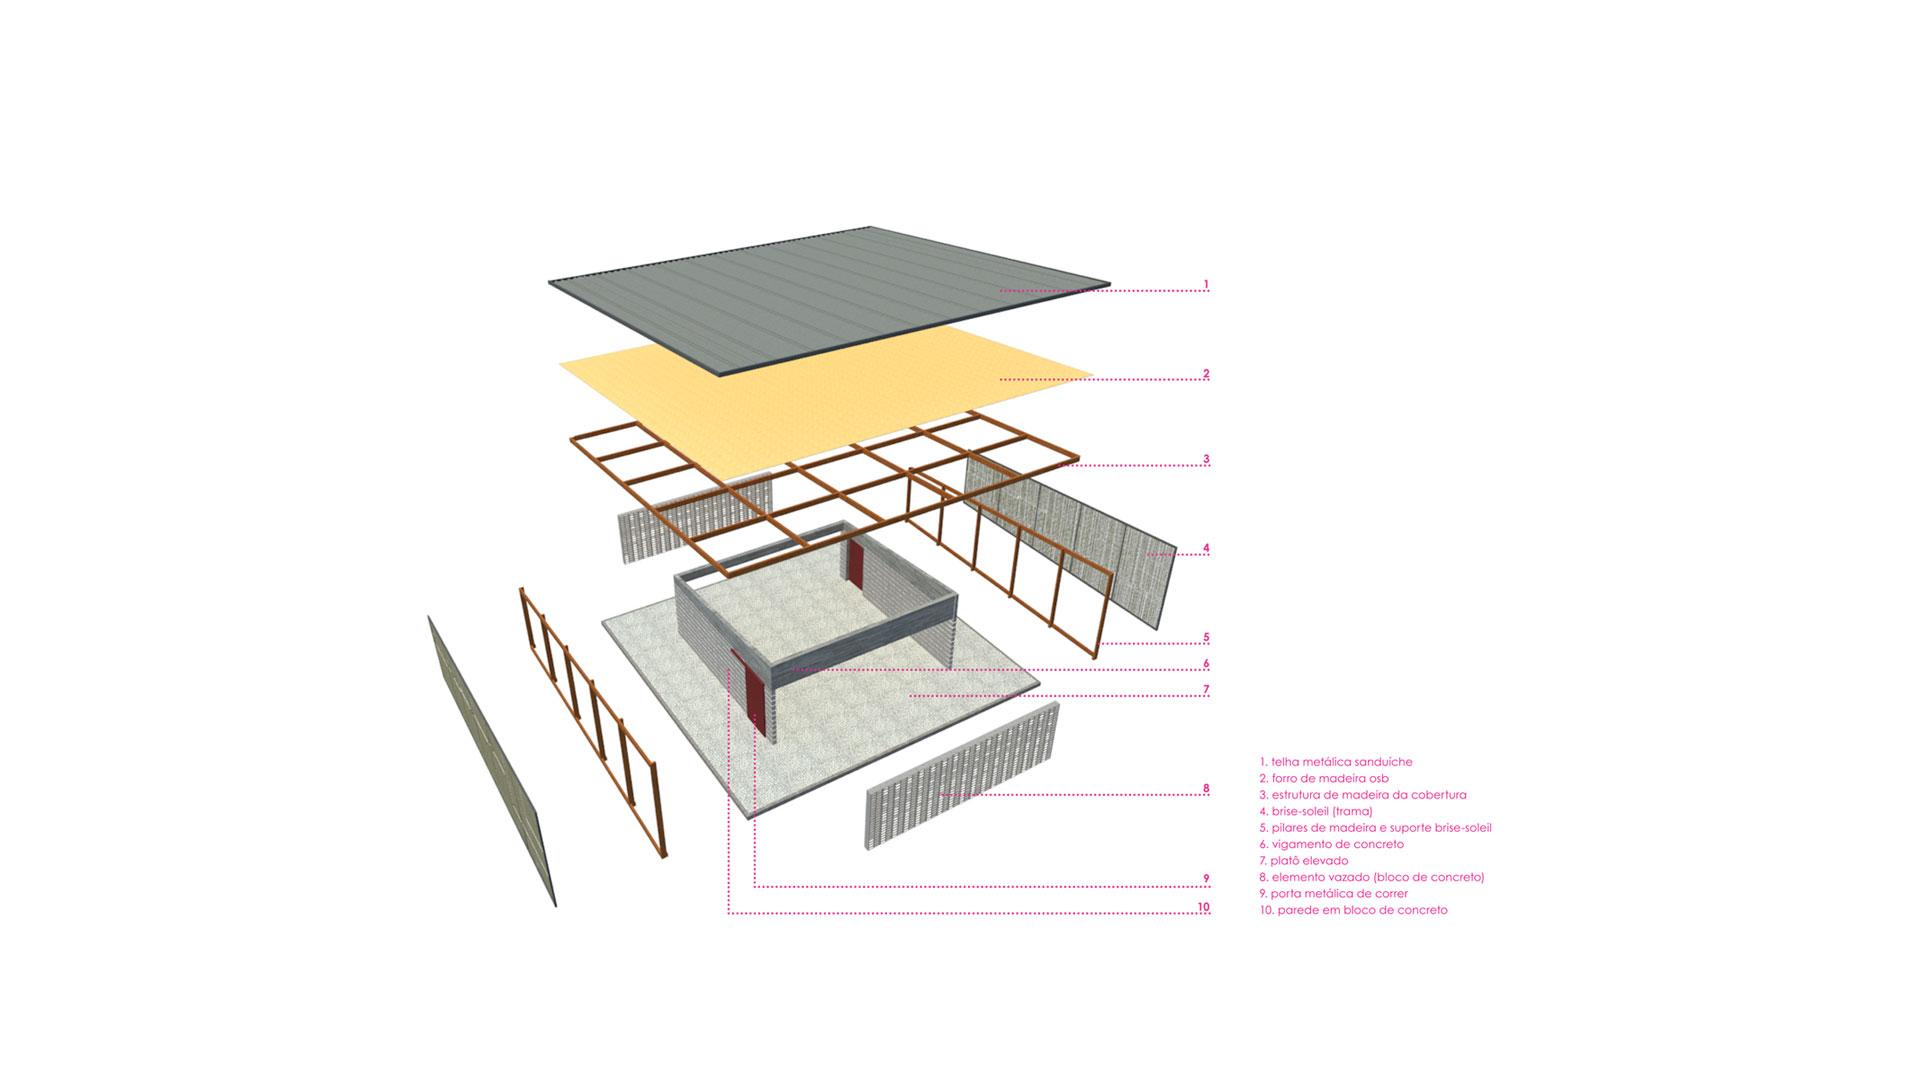 9.alba diagrama-construtivo-modulo-novo.jpg